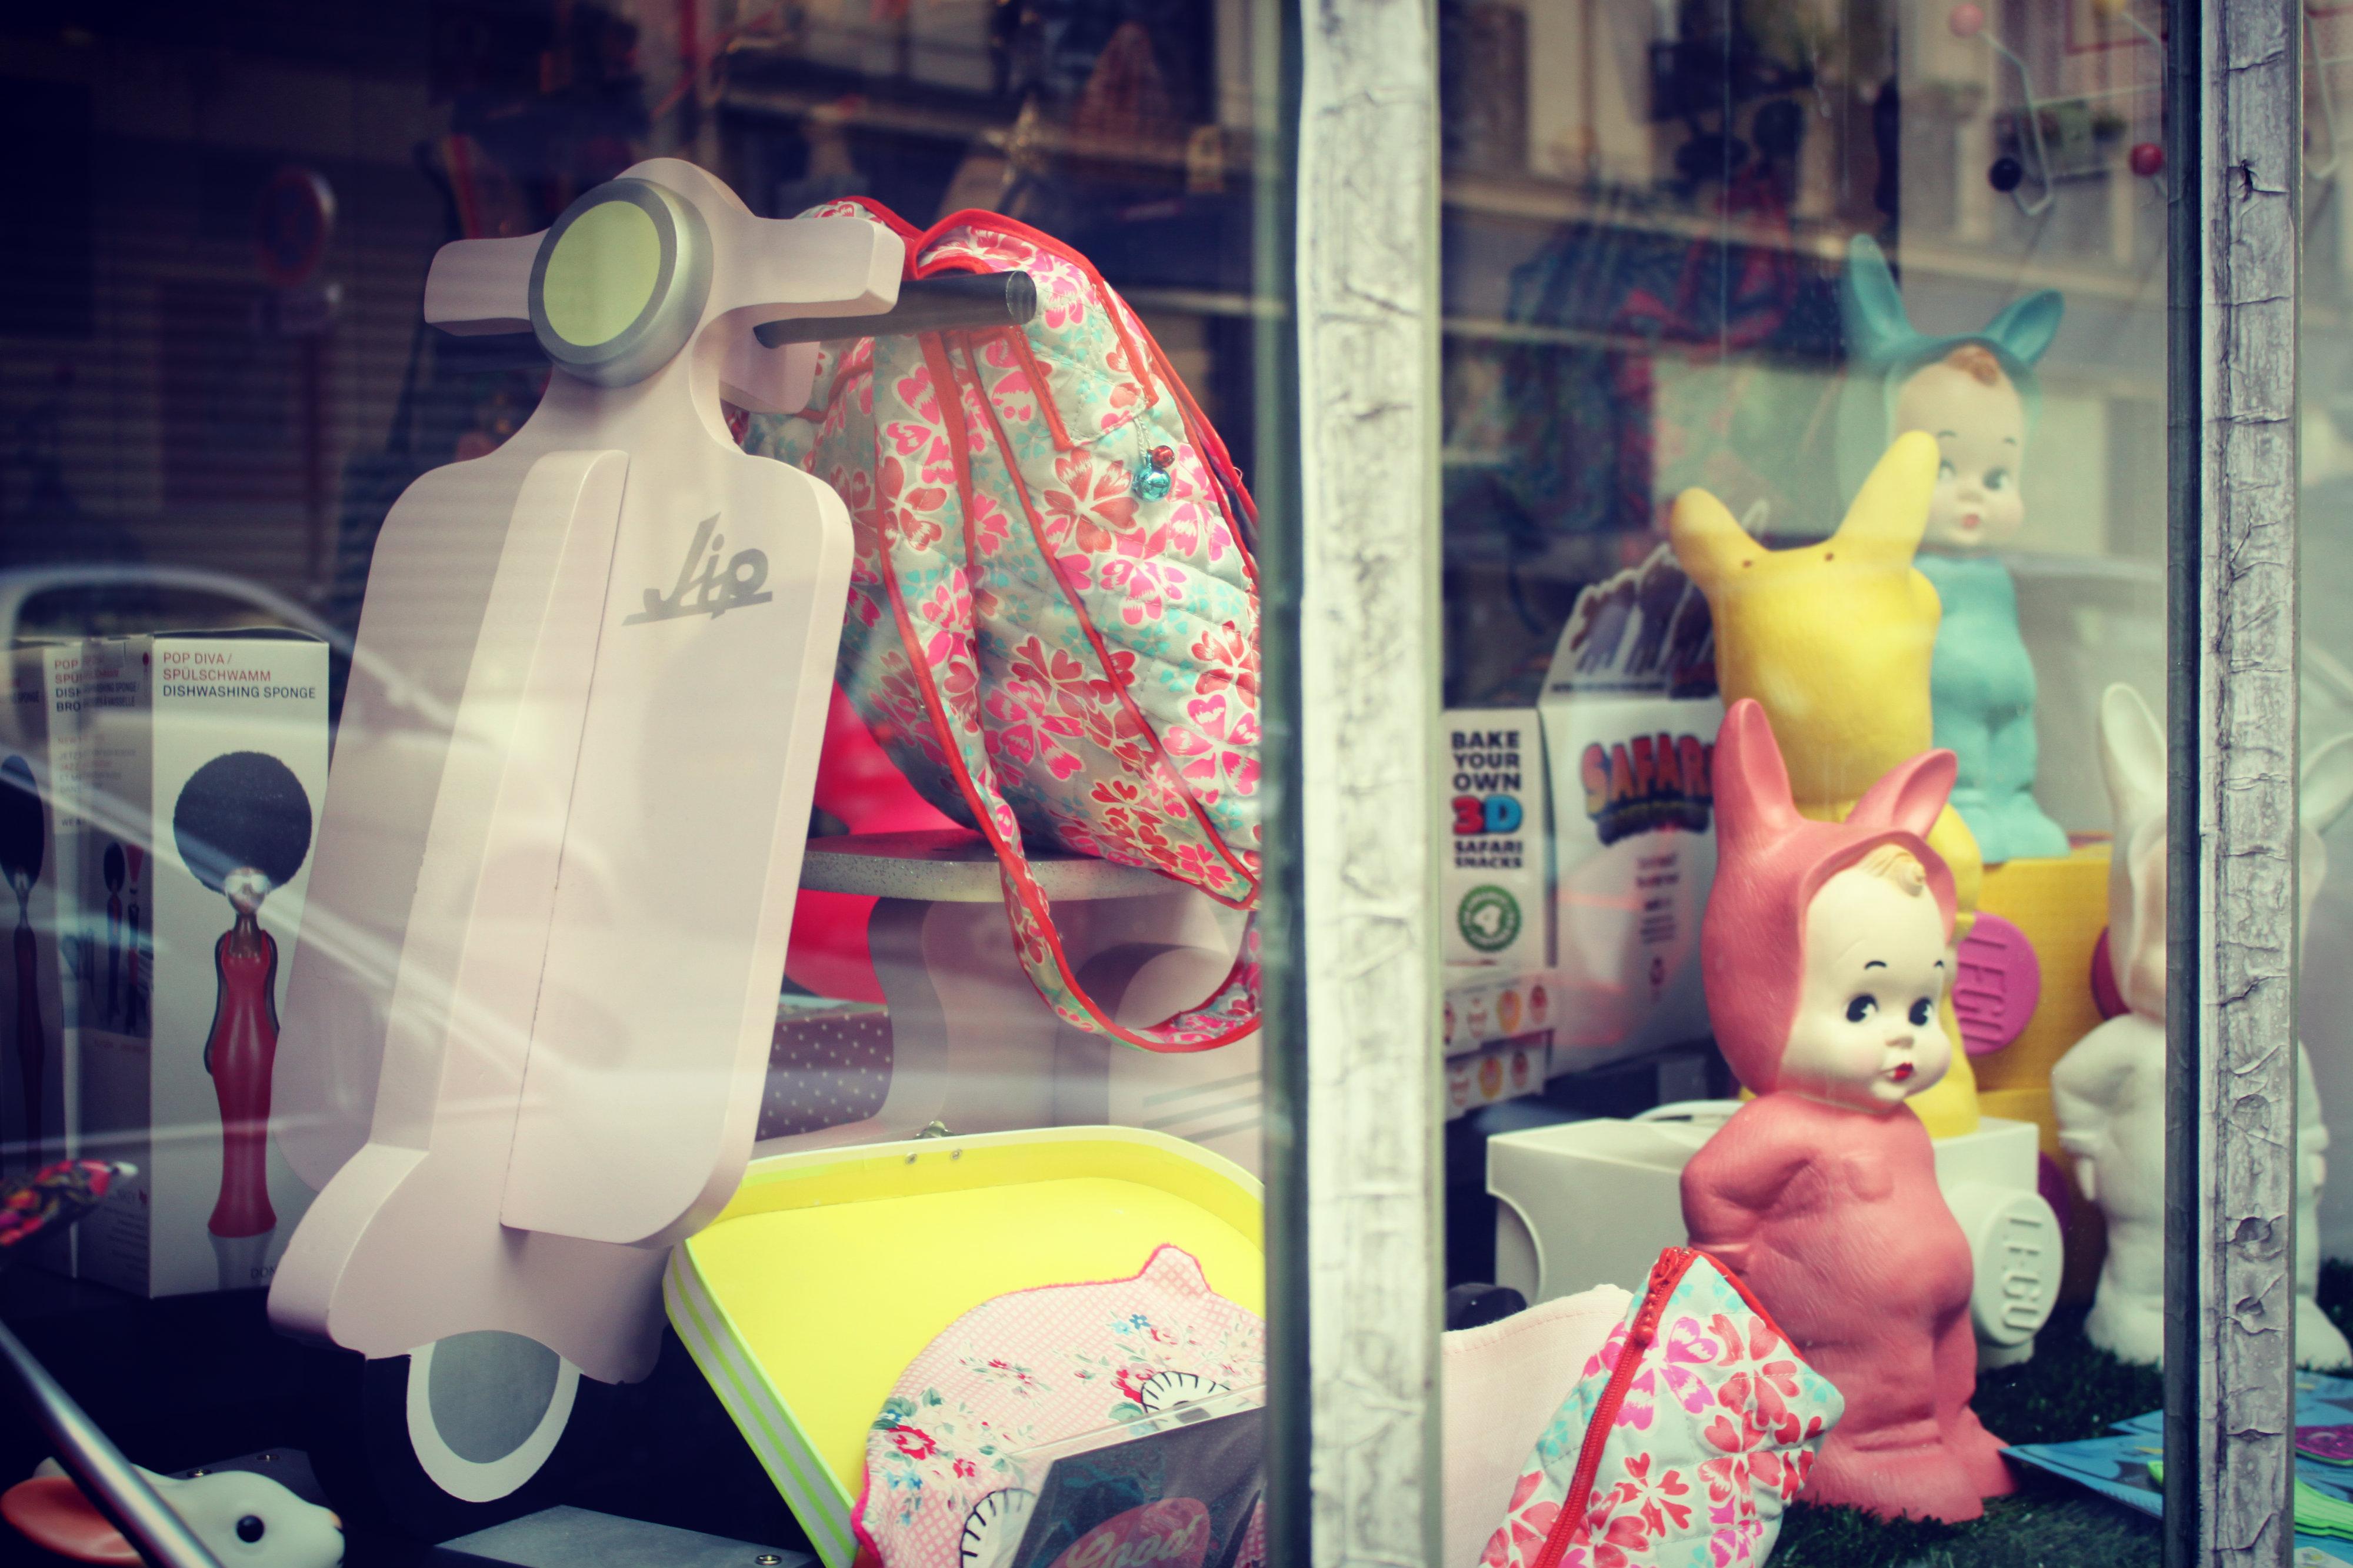 bbnove e-shop puériculture design - concept store made in france pour bébés La Dinette de Sophie